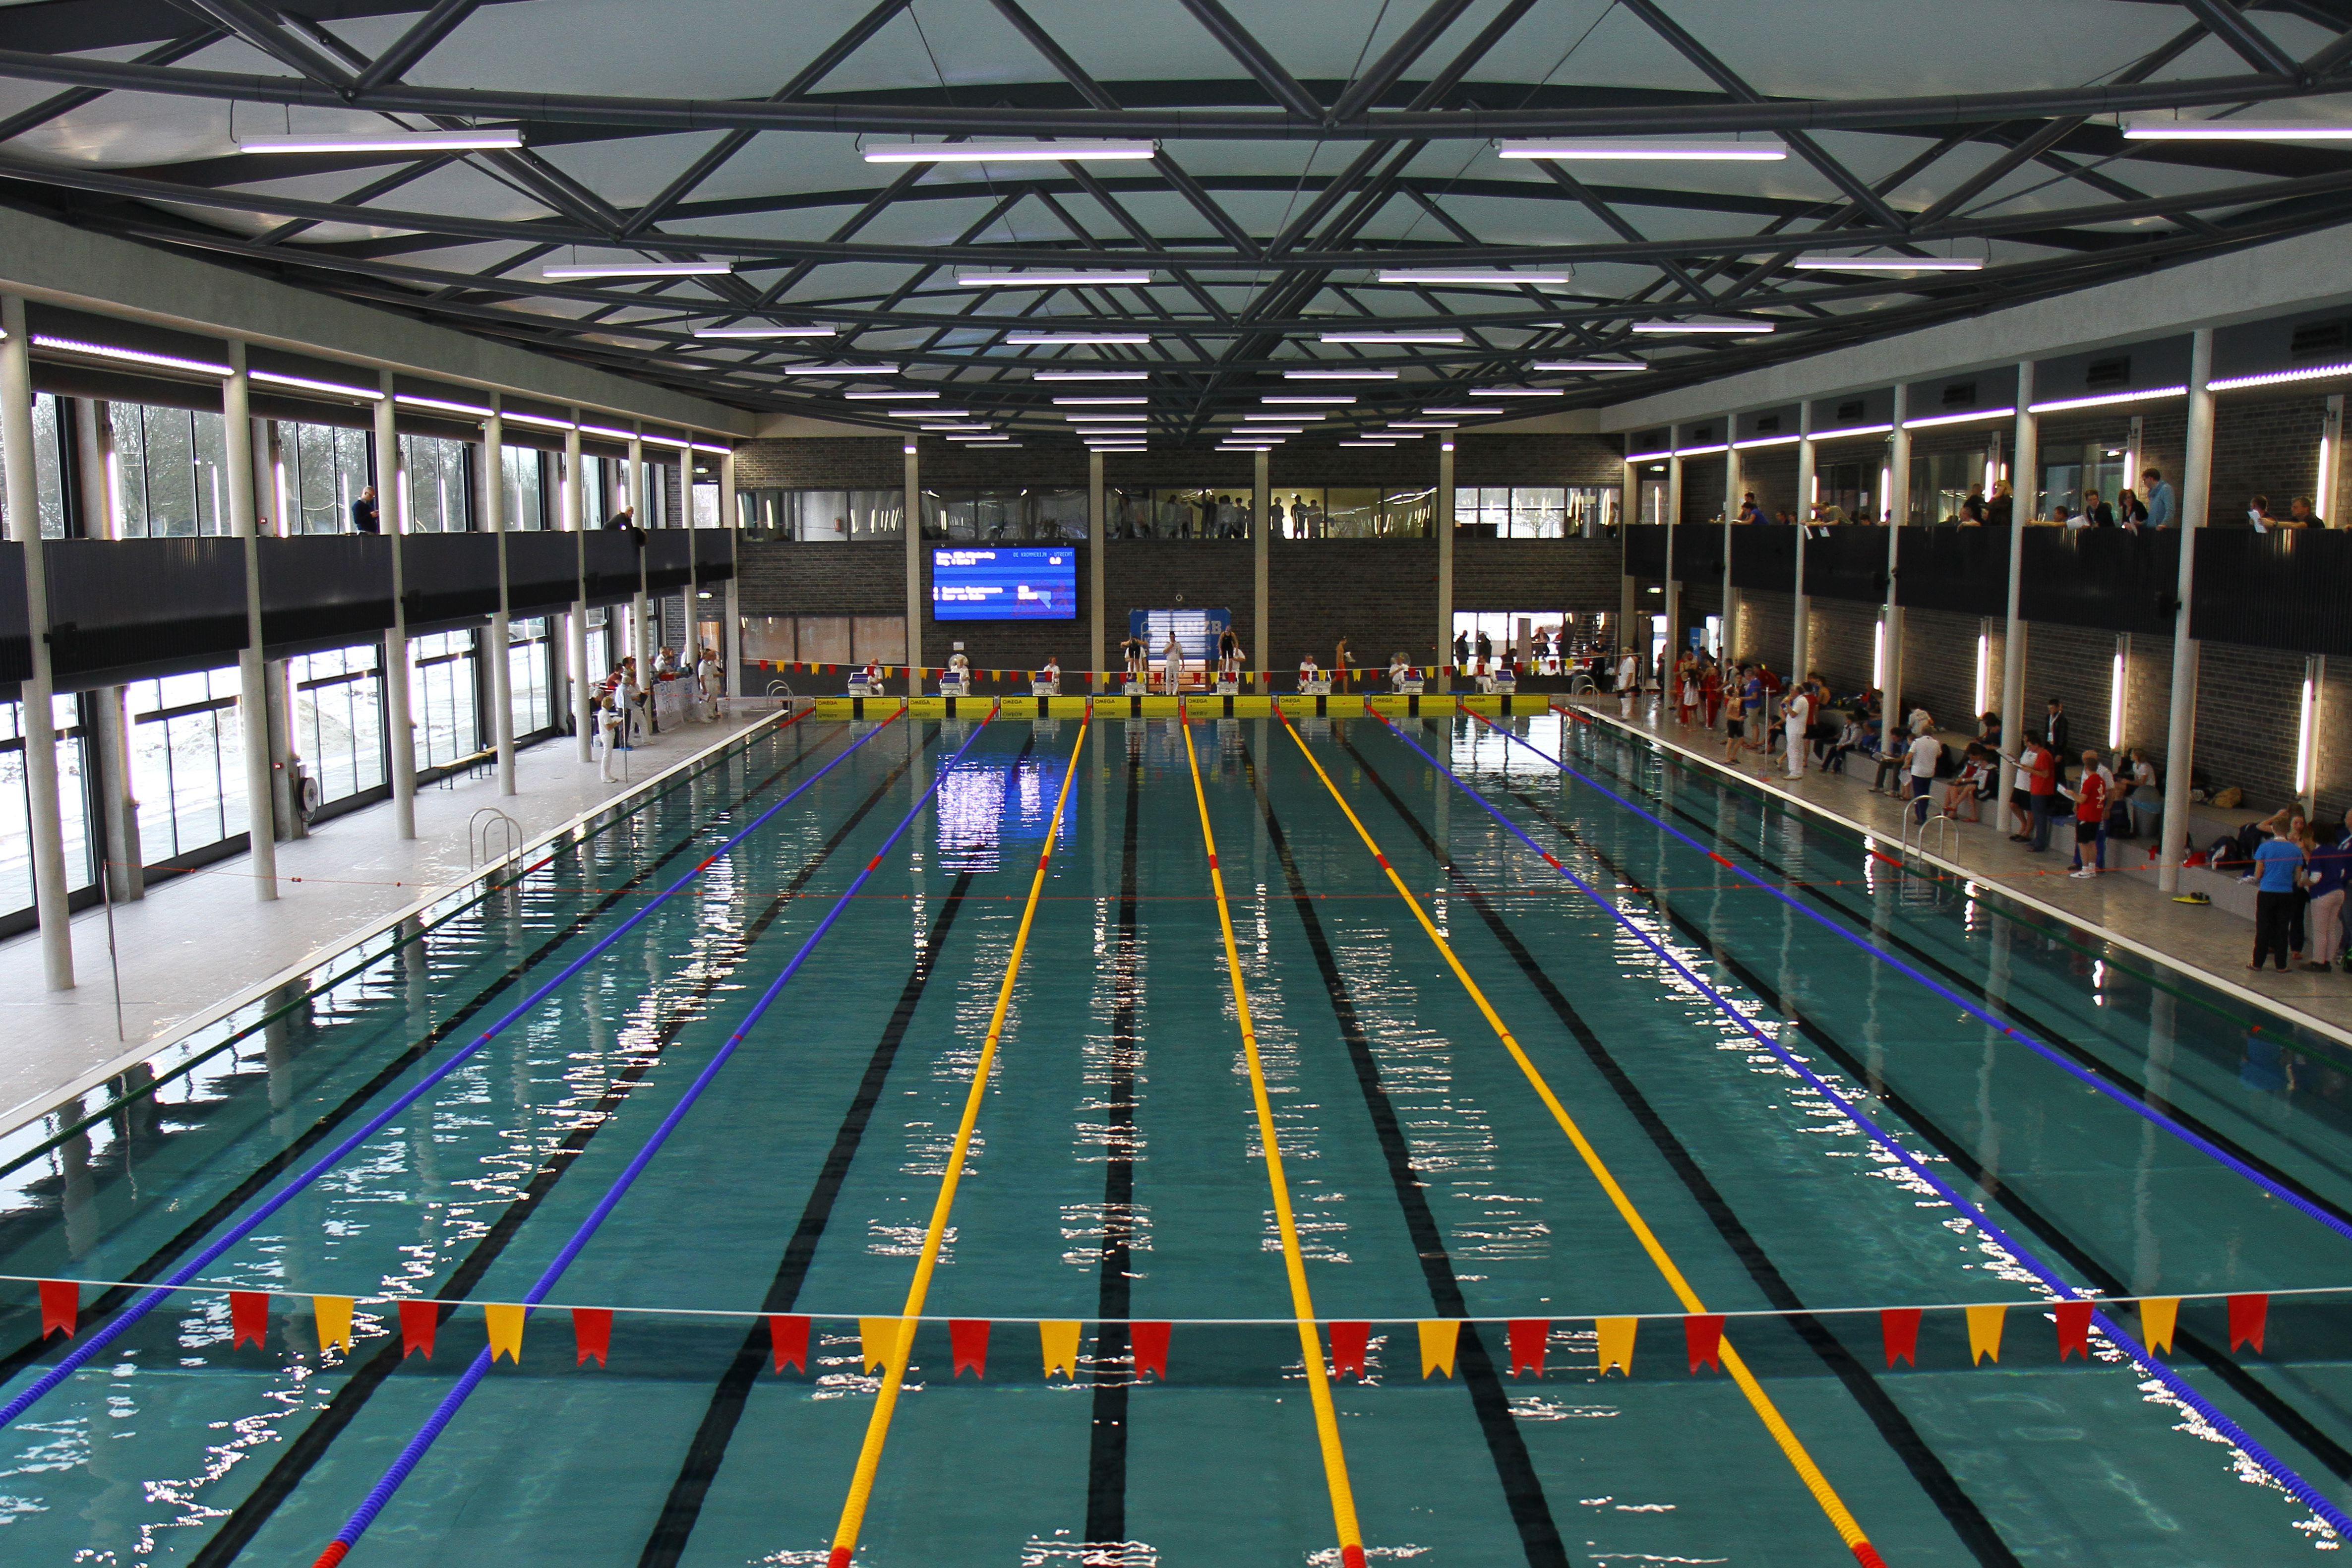 Zwembad de krommerijn in utrecht de architect